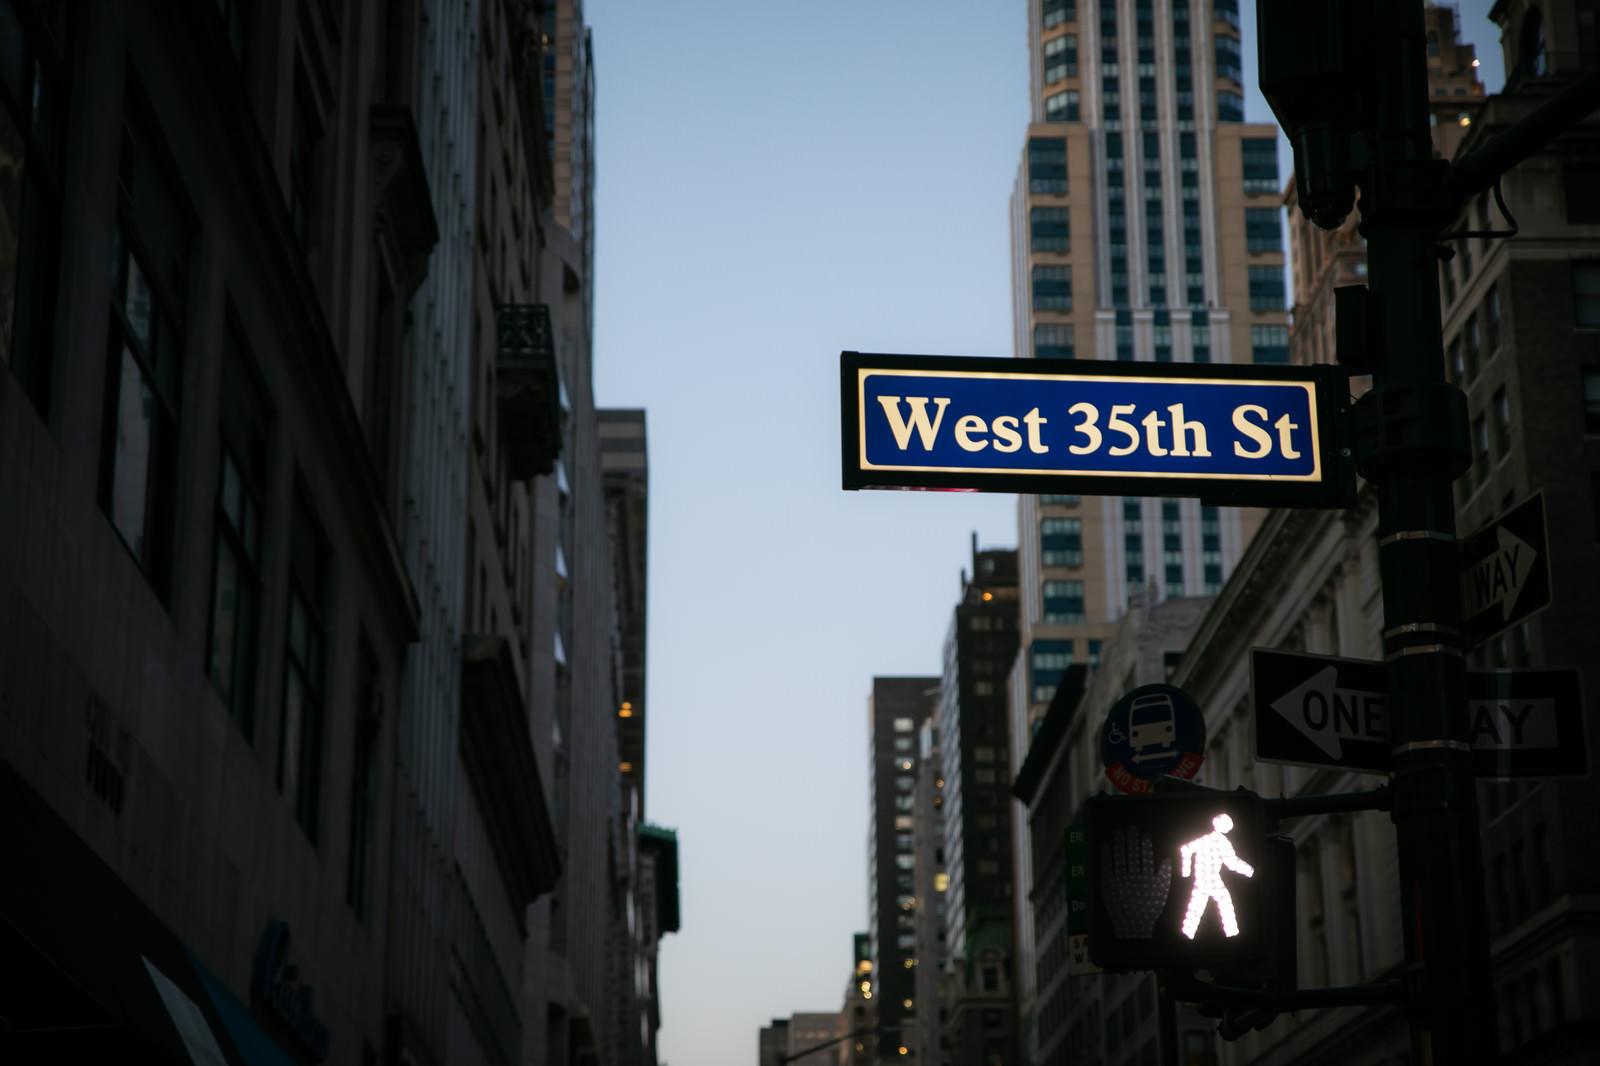 「ニューヨークのストリートサインと歩行者用信号」の写真